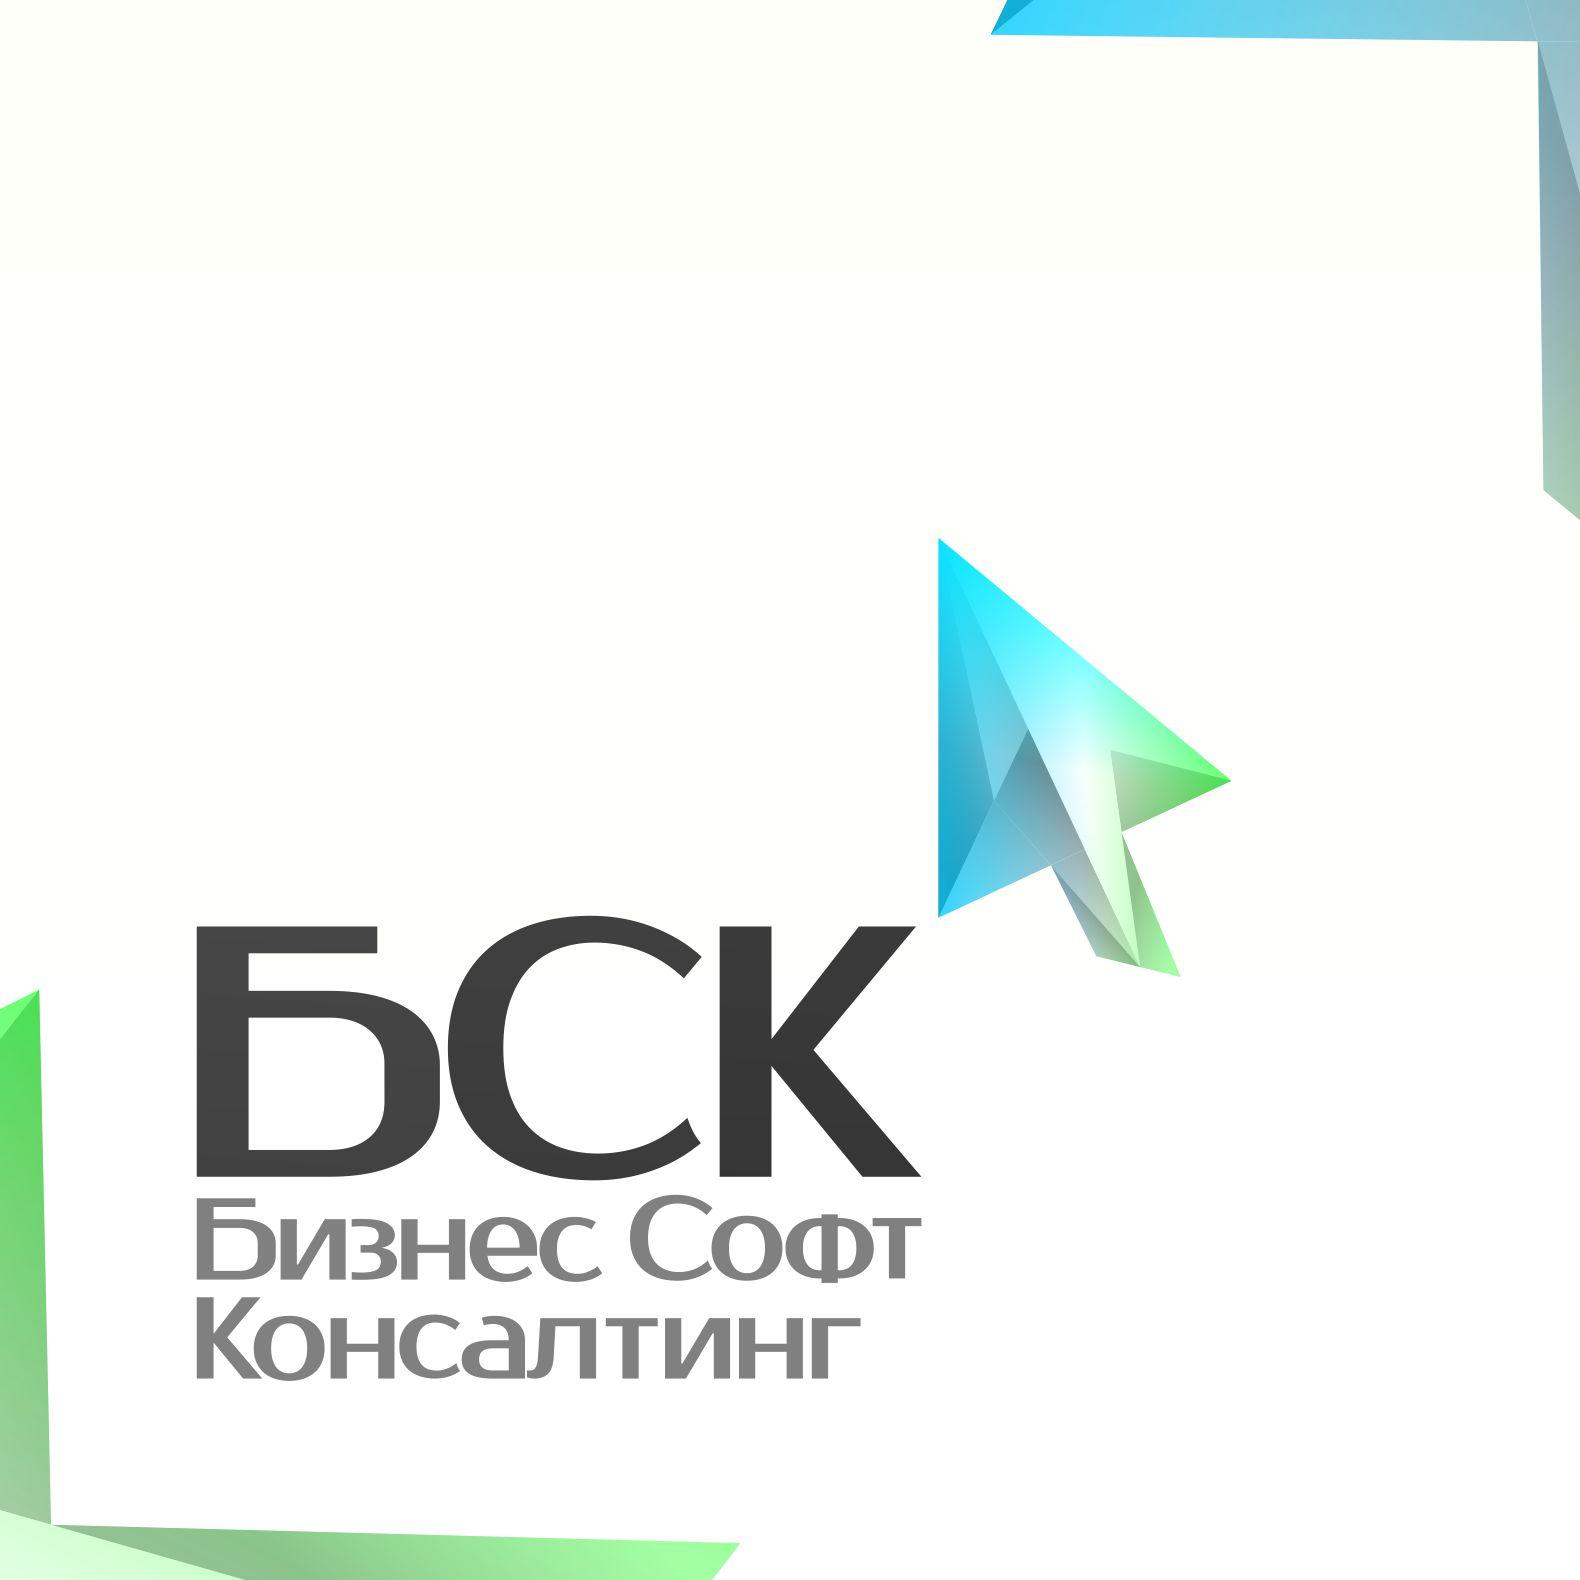 Разработать логотип со смыслом для компании-разработчика ПО фото f_504dfa92523c6.jpg